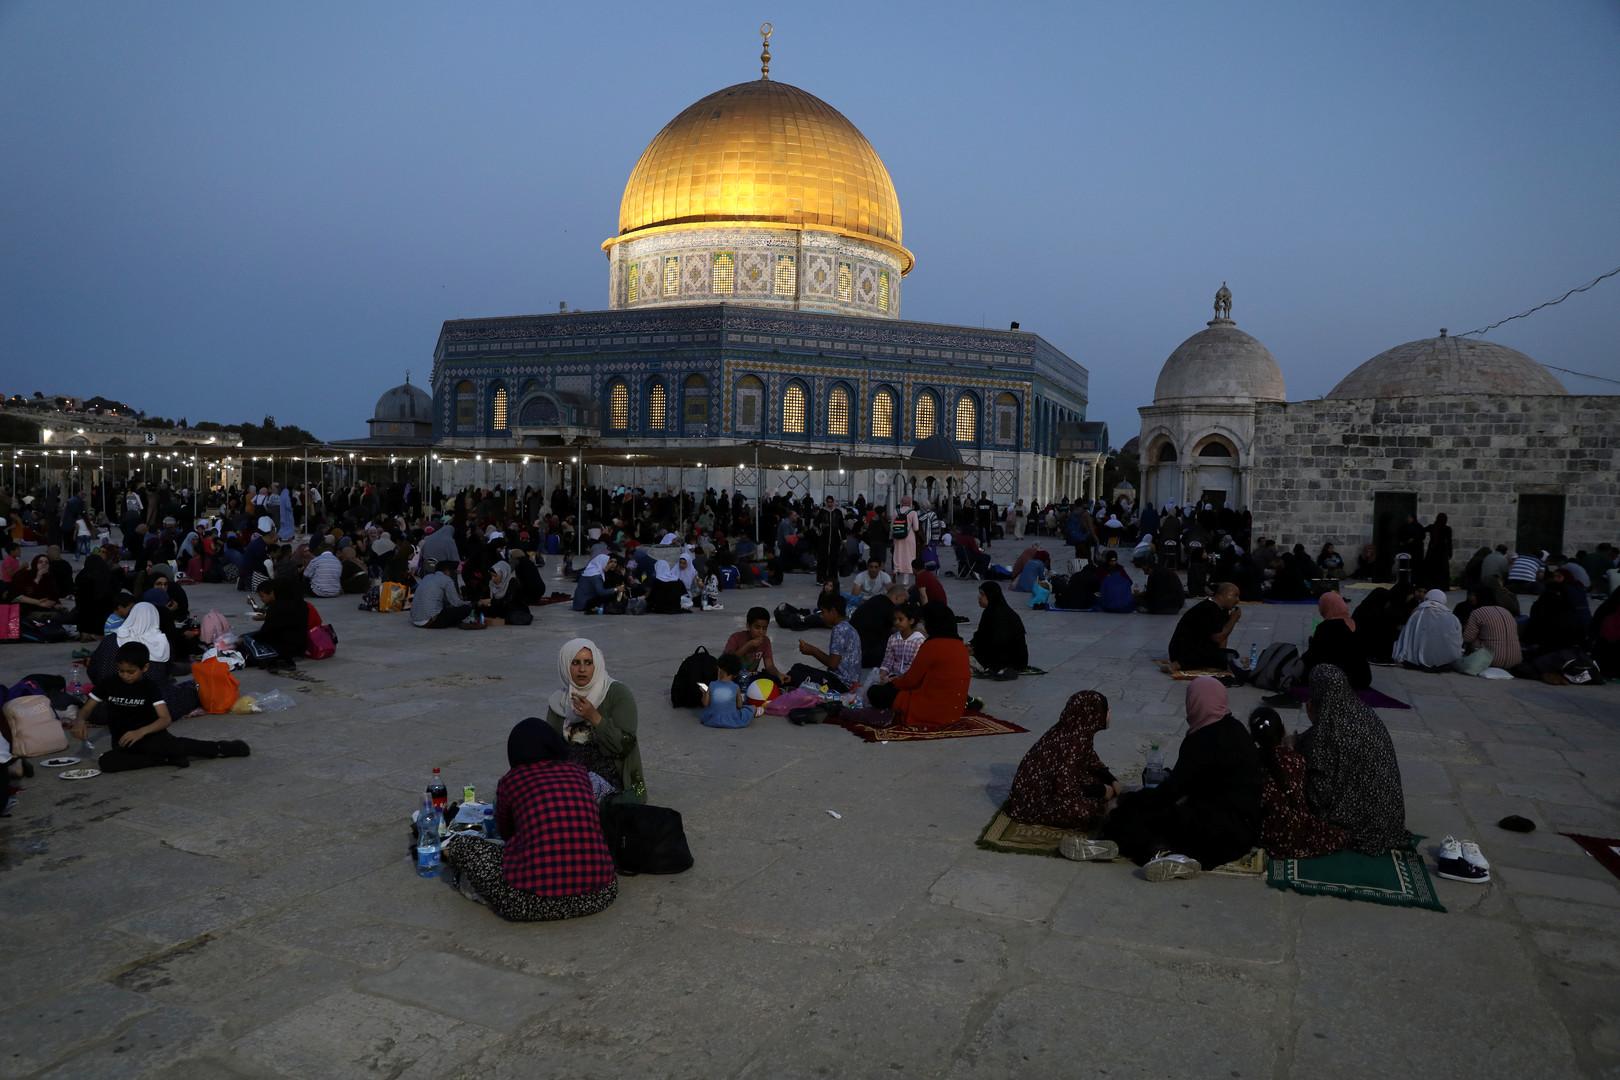 إغلاق مساجد القدس في أول أيام عيد الأضحى ودعوات لشد الرحال إلى الأقصى